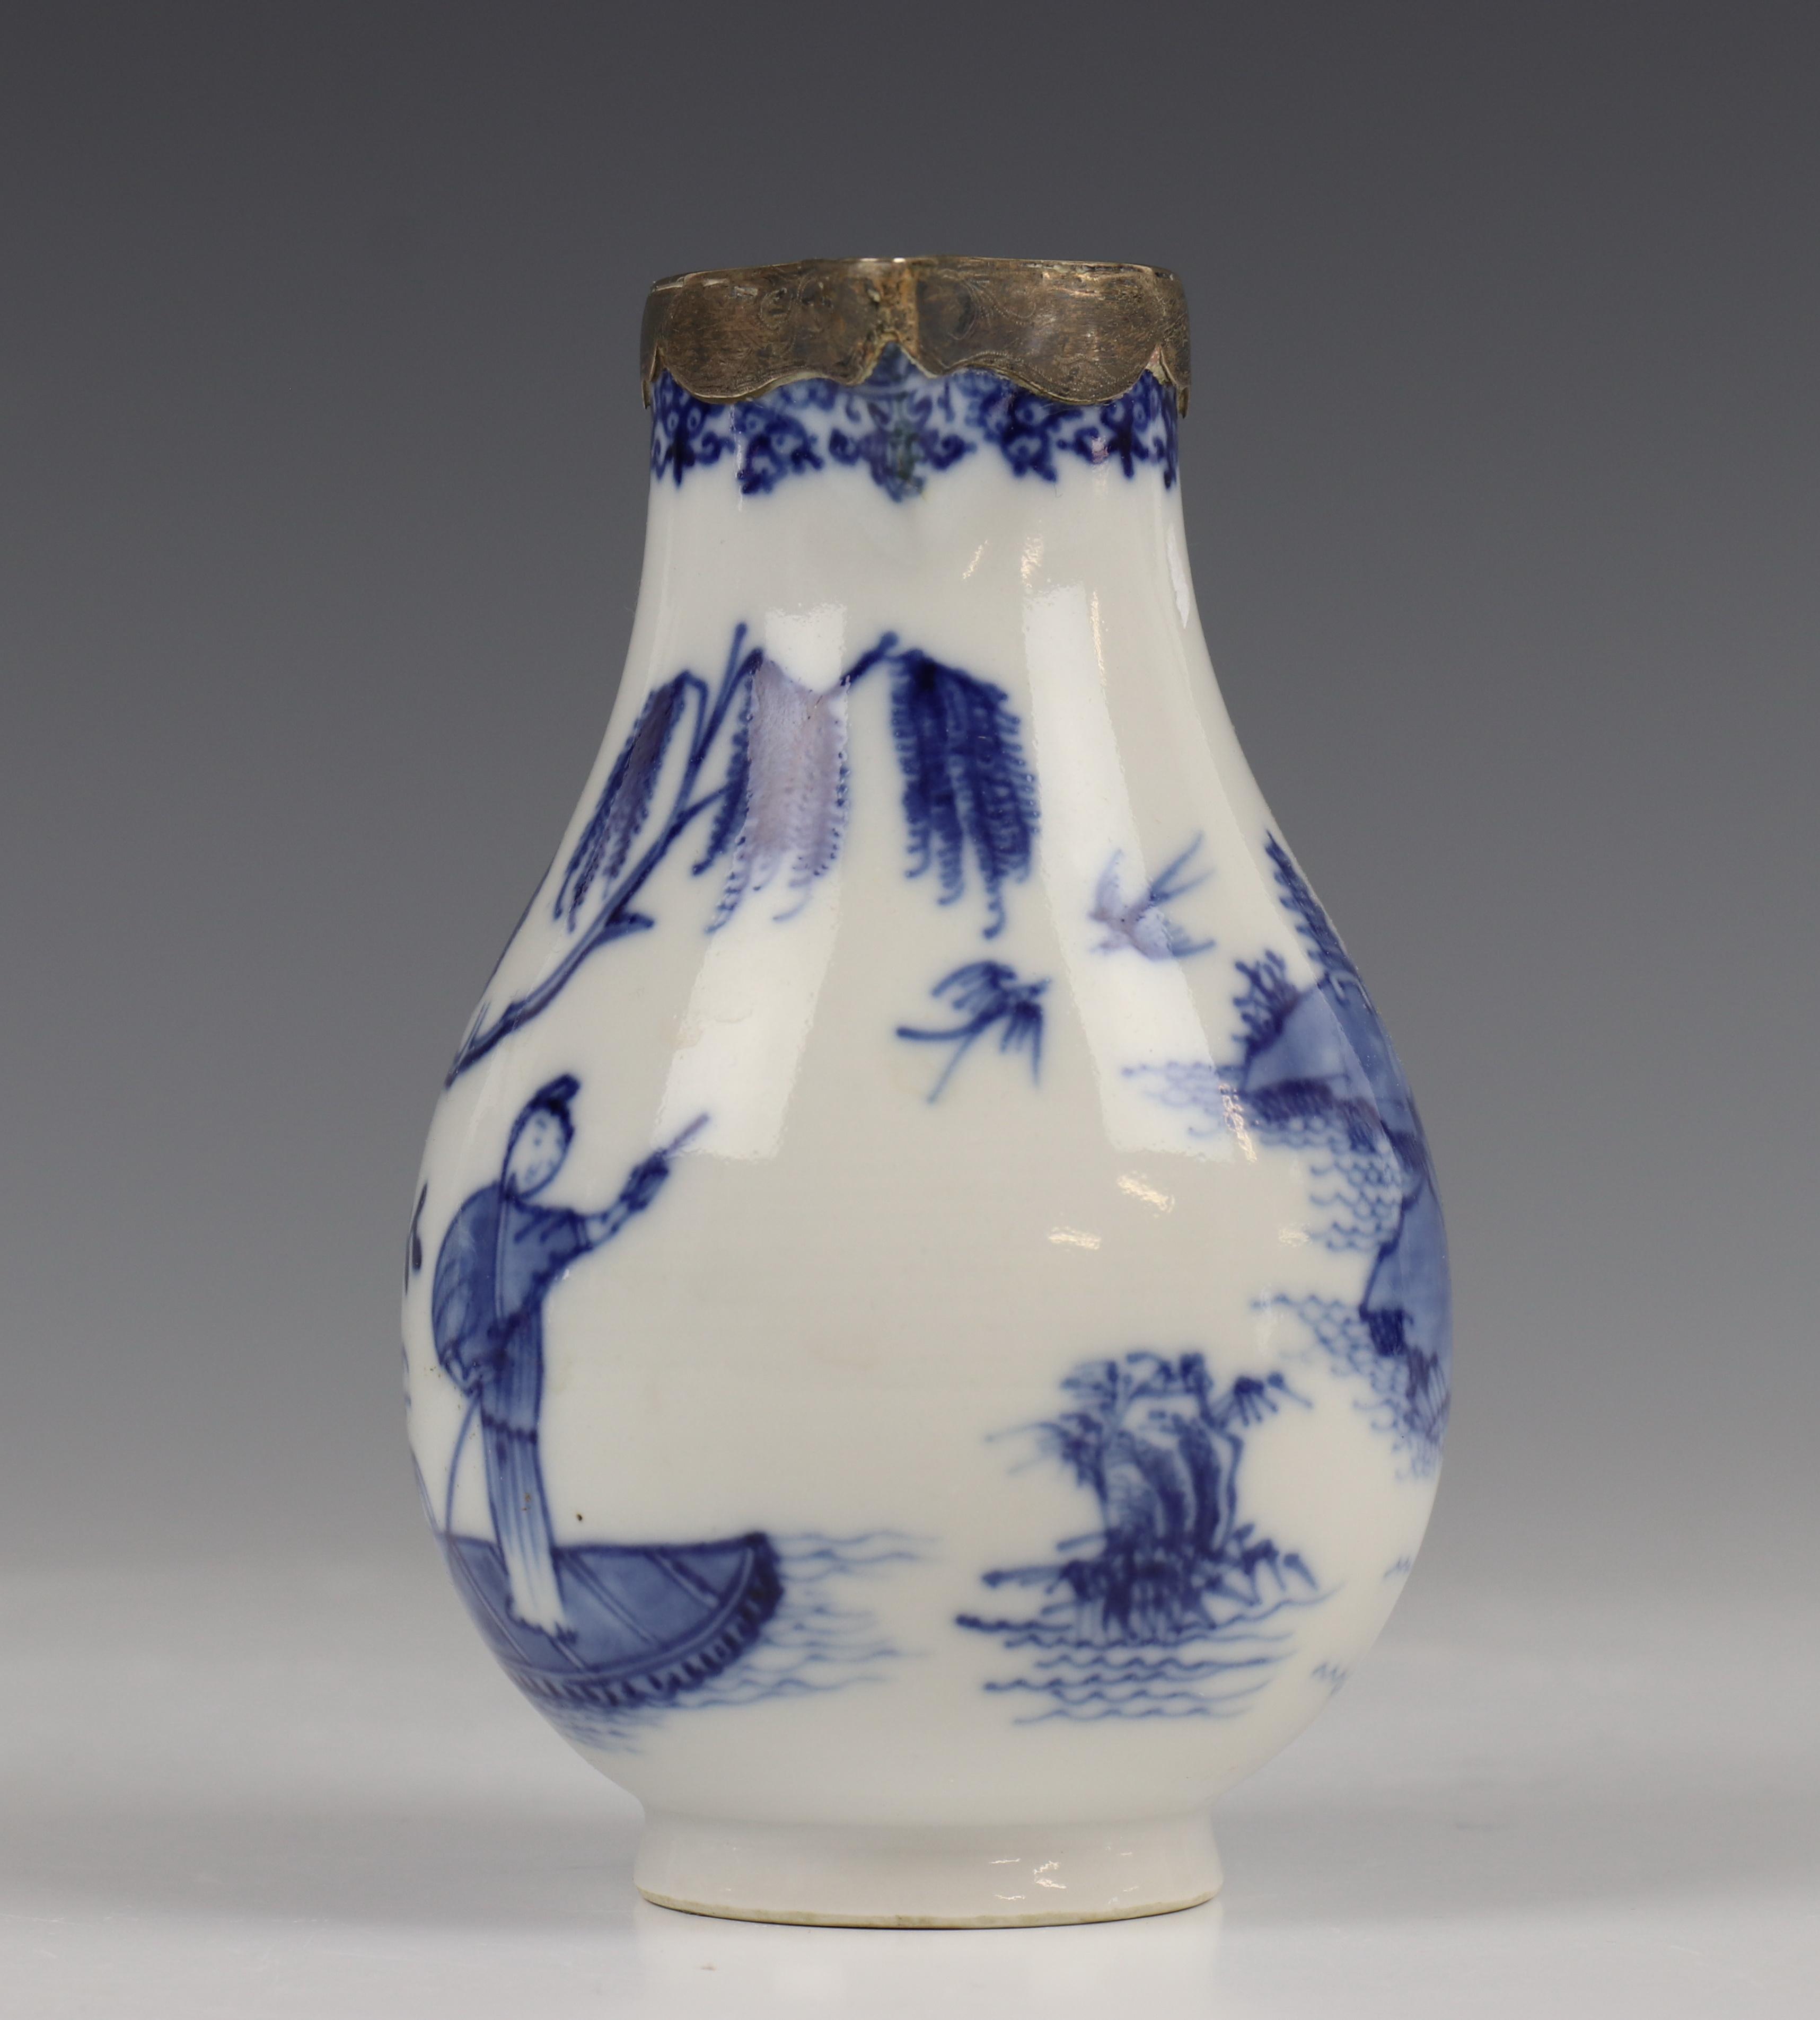 China, blauw-wit porseleinen trekpot, Imari trekpotje en melkkan, 18e eeuw, - Image 13 of 21